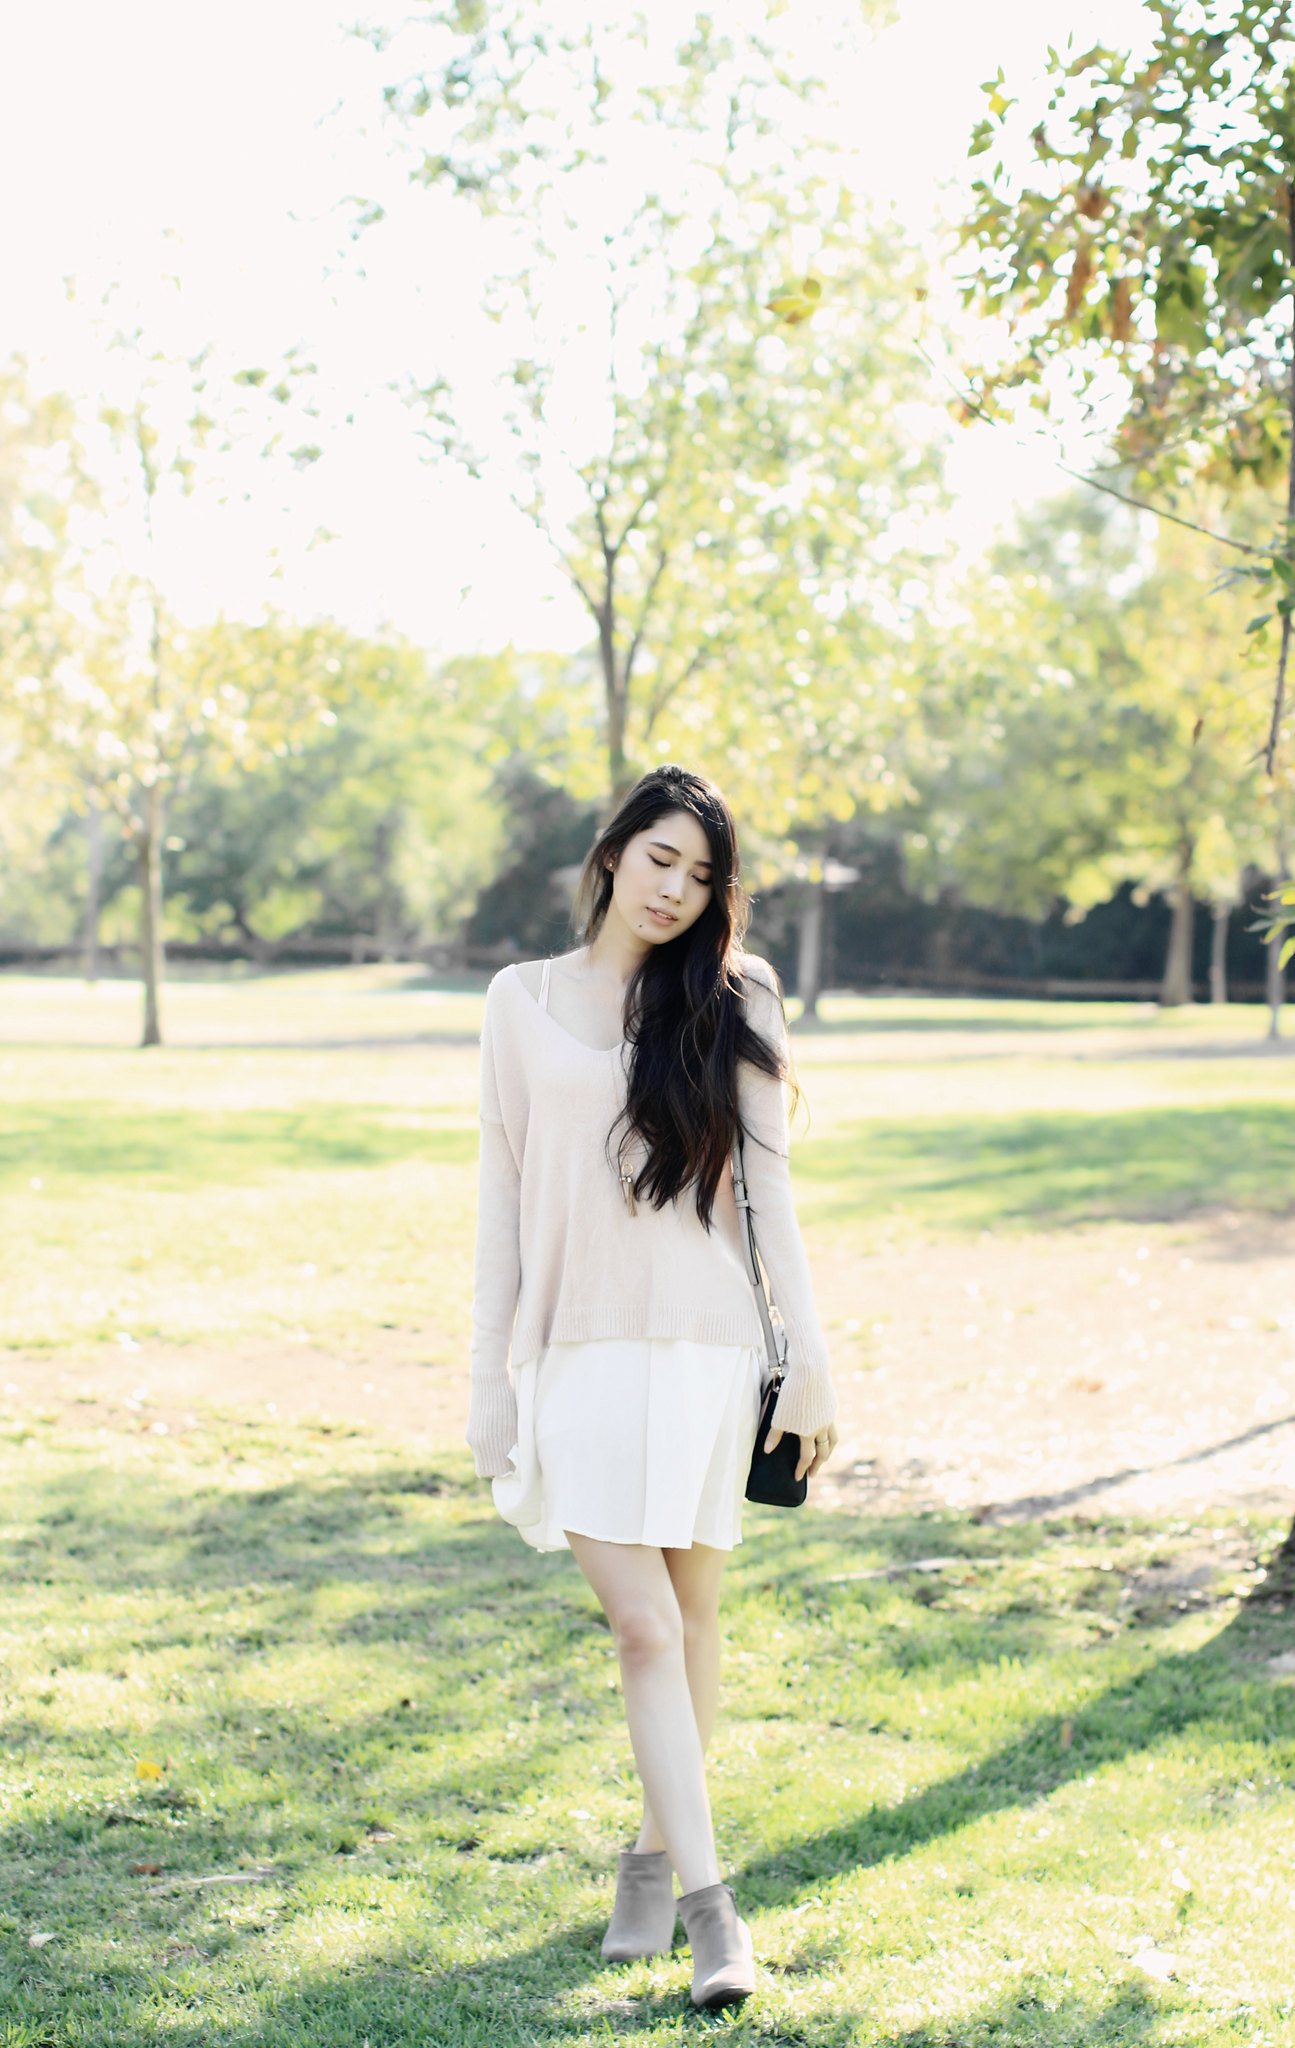 0735-fallfashion-autumn-white-dress-pink-sweater-knit-fall